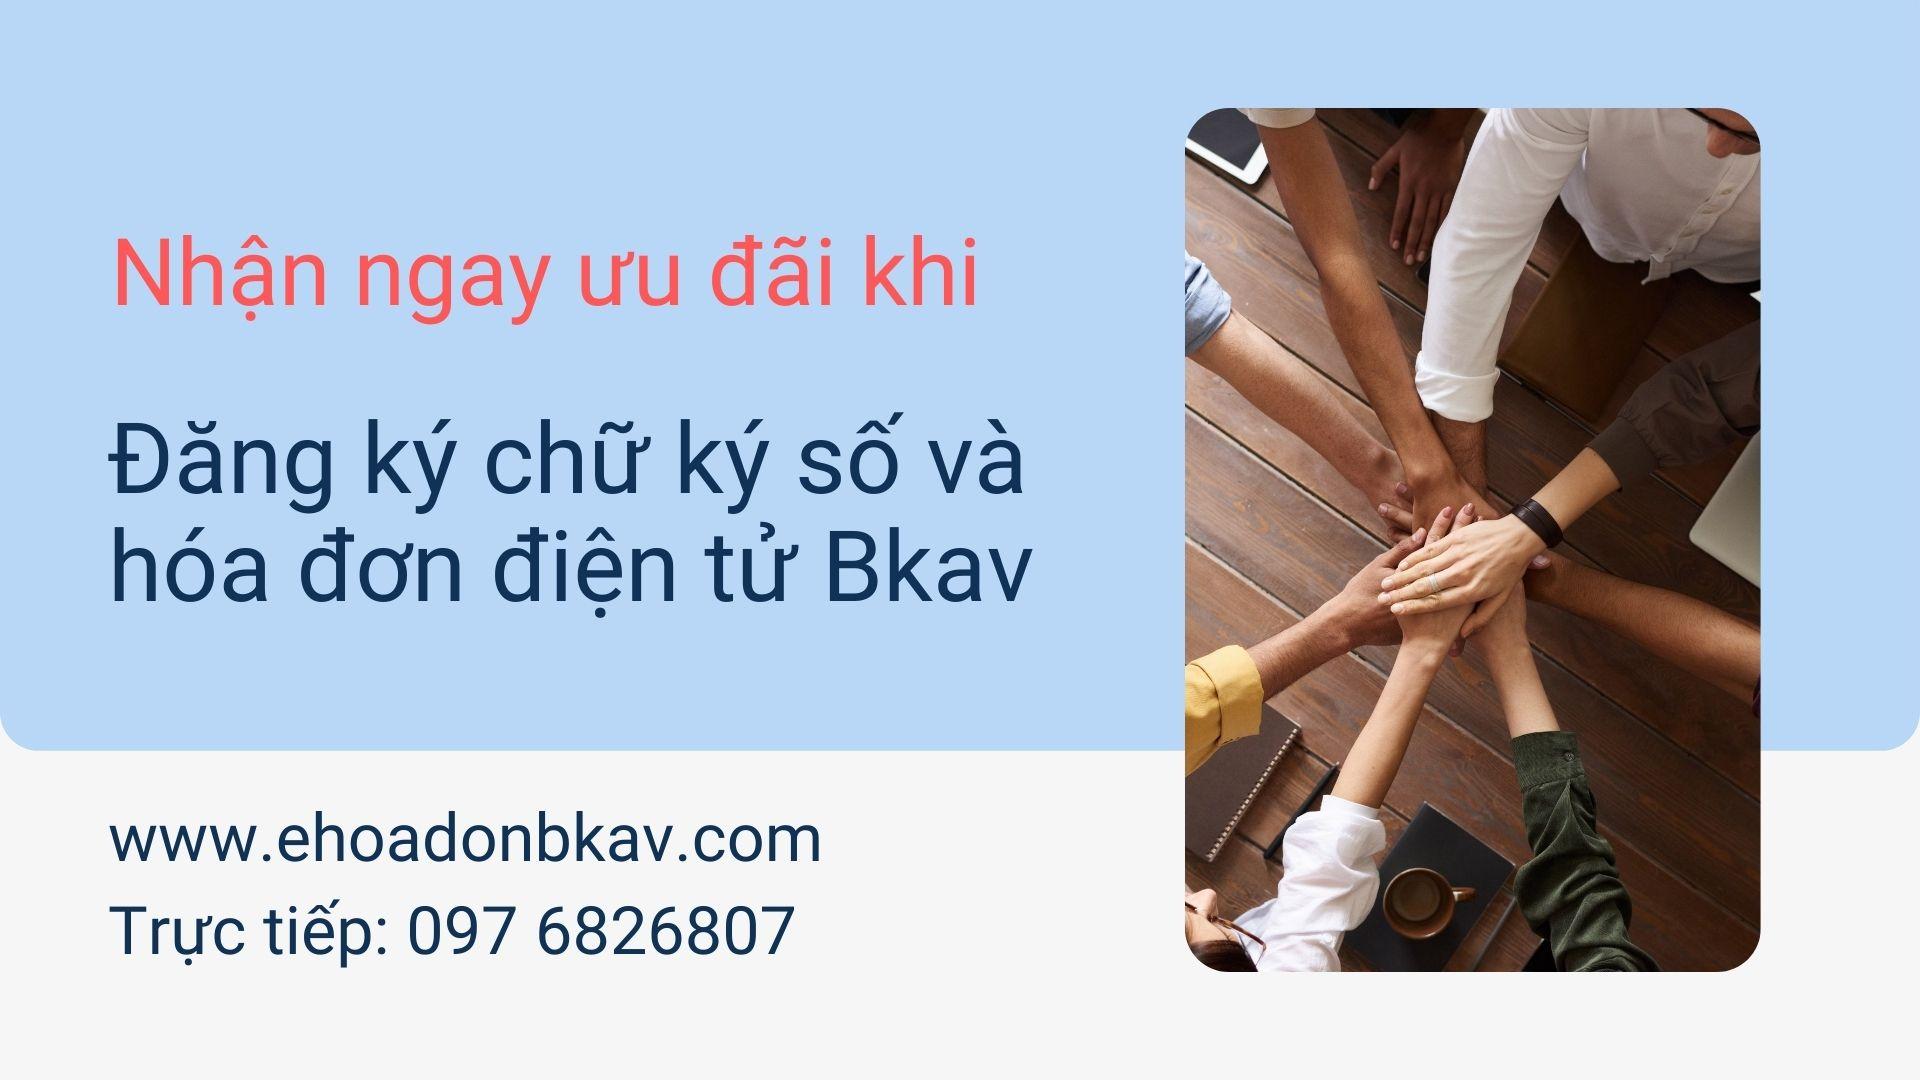 Đăng ký chữ ký số và hóa đơn điện tử Bkav